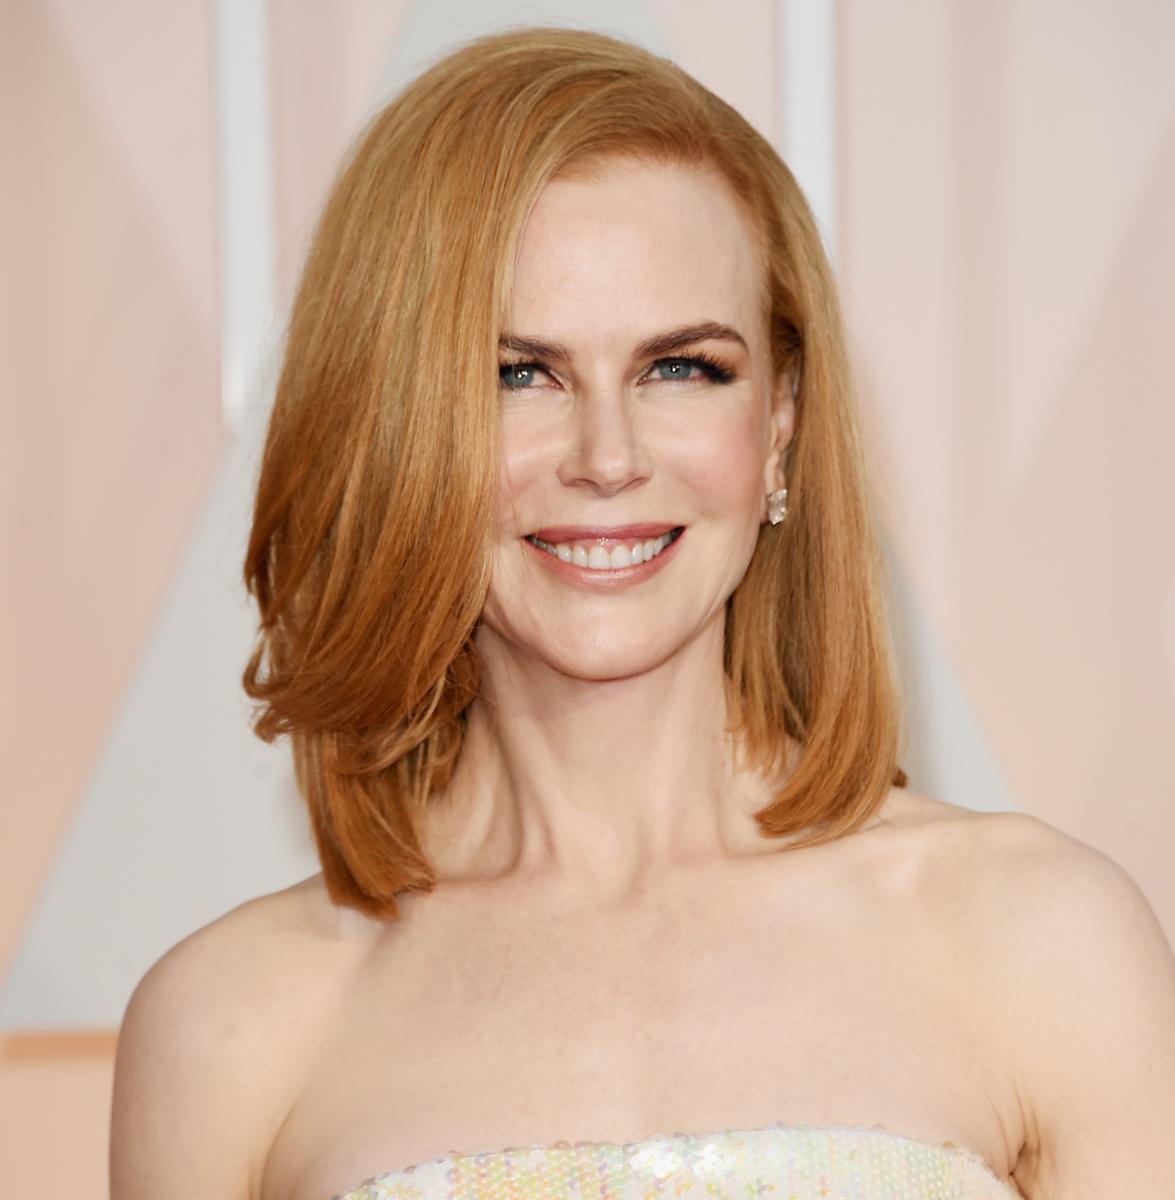 Photos Nicole Kidman naked (25 images), Paparazzi